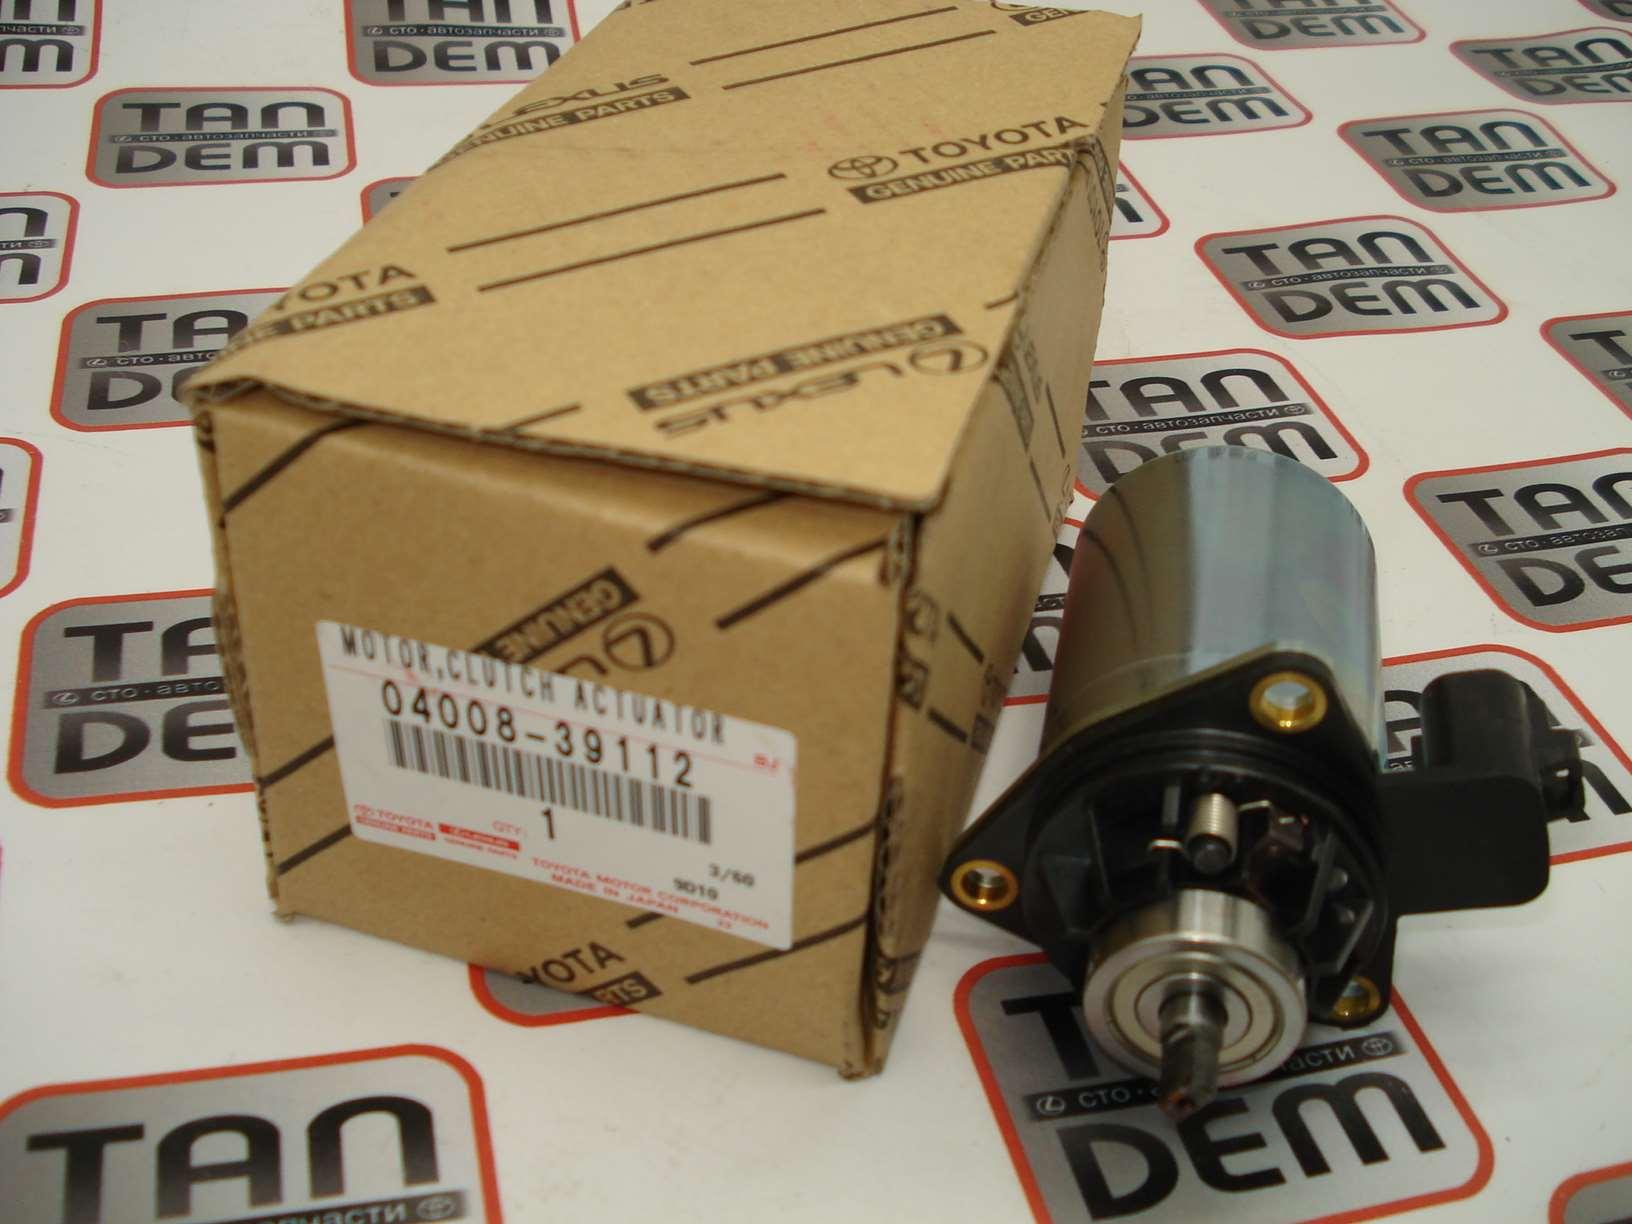 Мотор актуатора сцепления 04008-39112, 31363-12010, 31363-12040